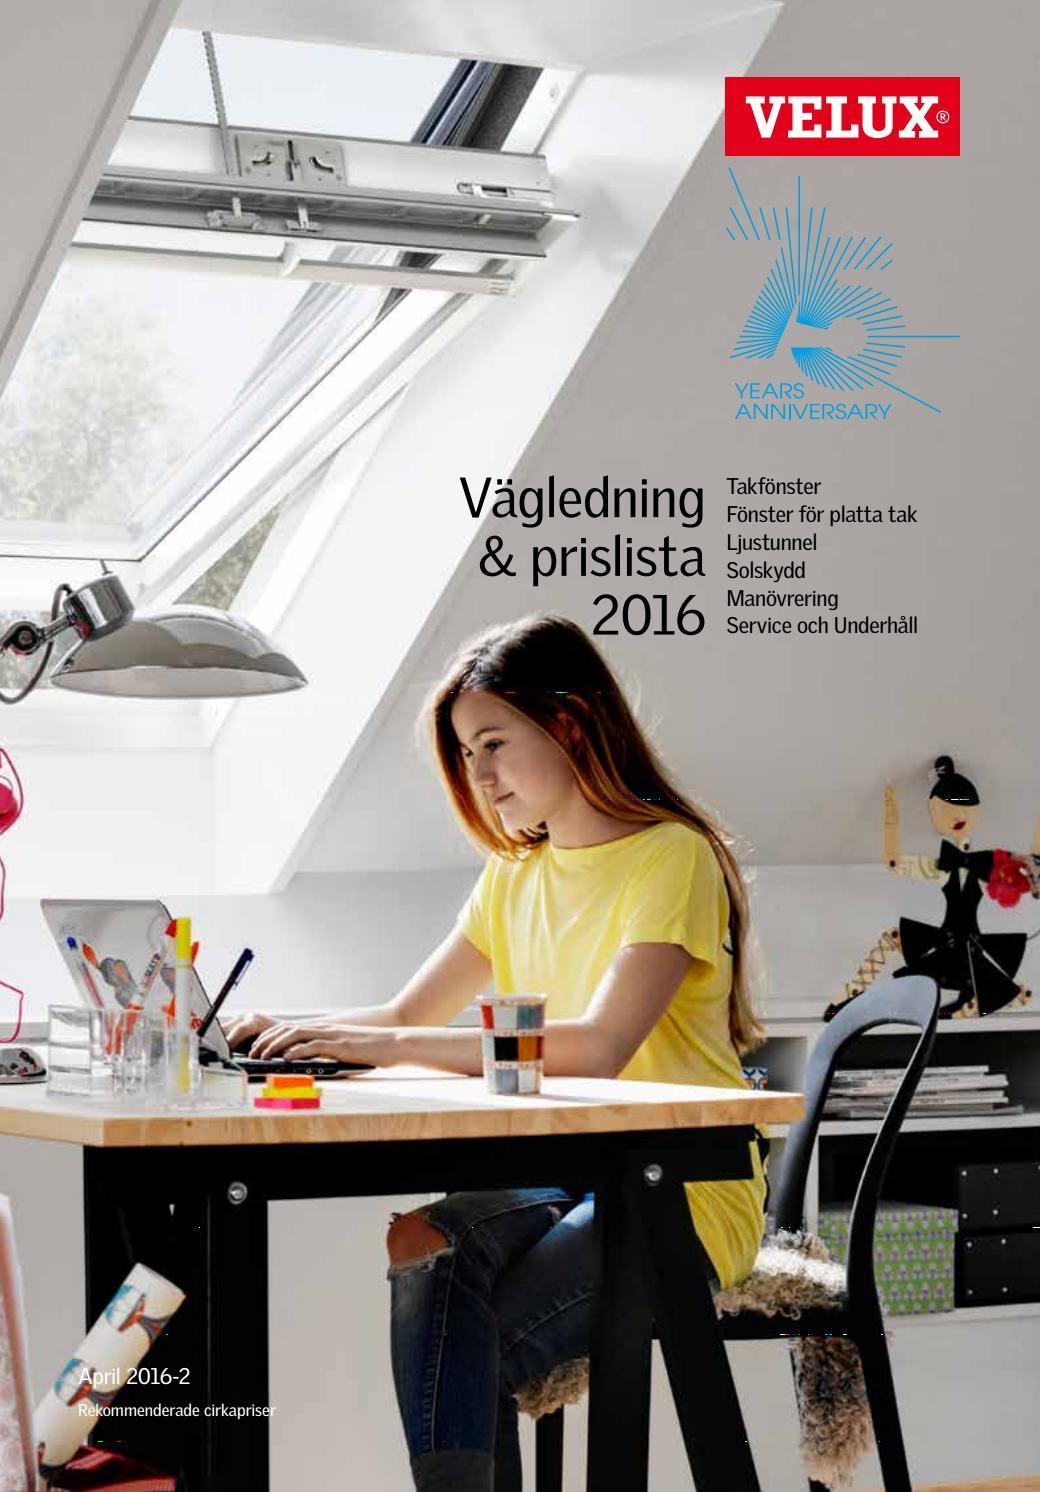 Swienty/LP's Biodling Katalog 2013 by Swienty A/S - issuu